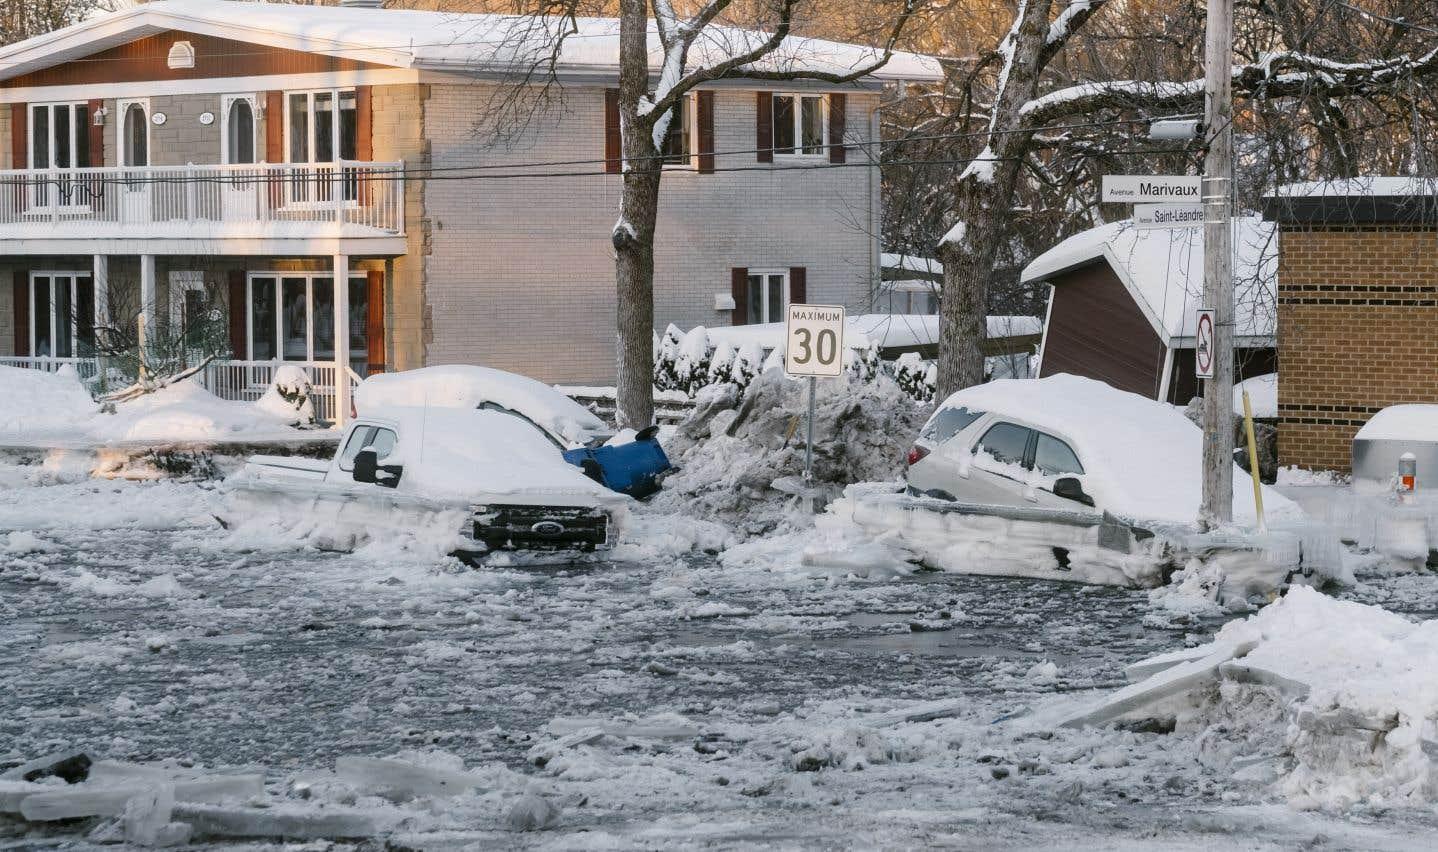 Inondation à Québec: des sinistrés peuvent rentrer chez eux